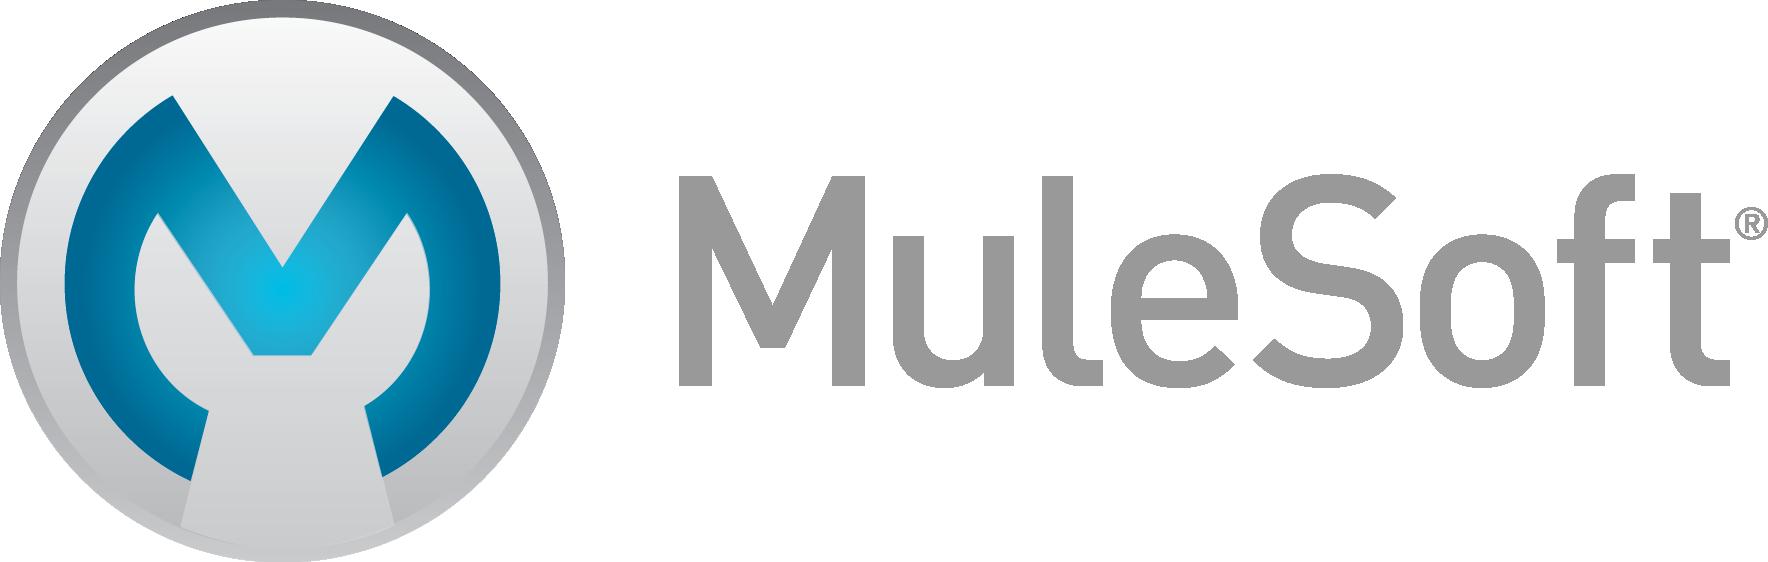 MuleSoft Inc.